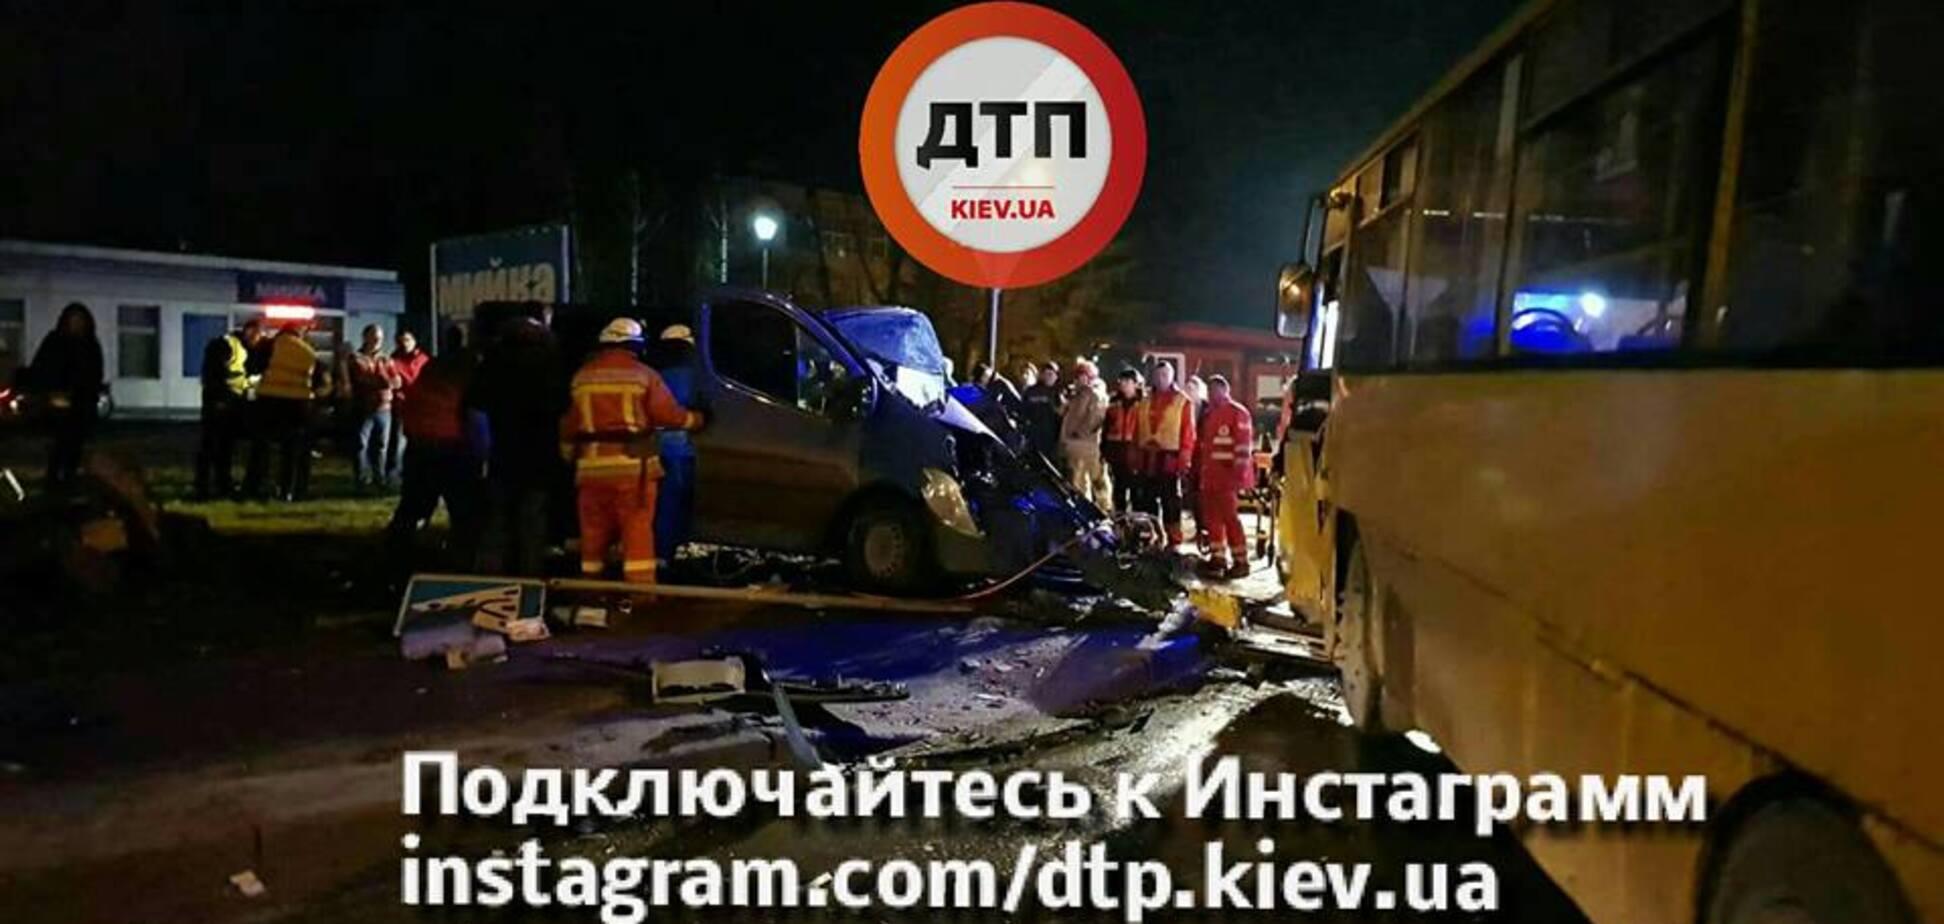 В Киеве маршрутка попала в жуткое ДТП. Опубликованы фото и видео